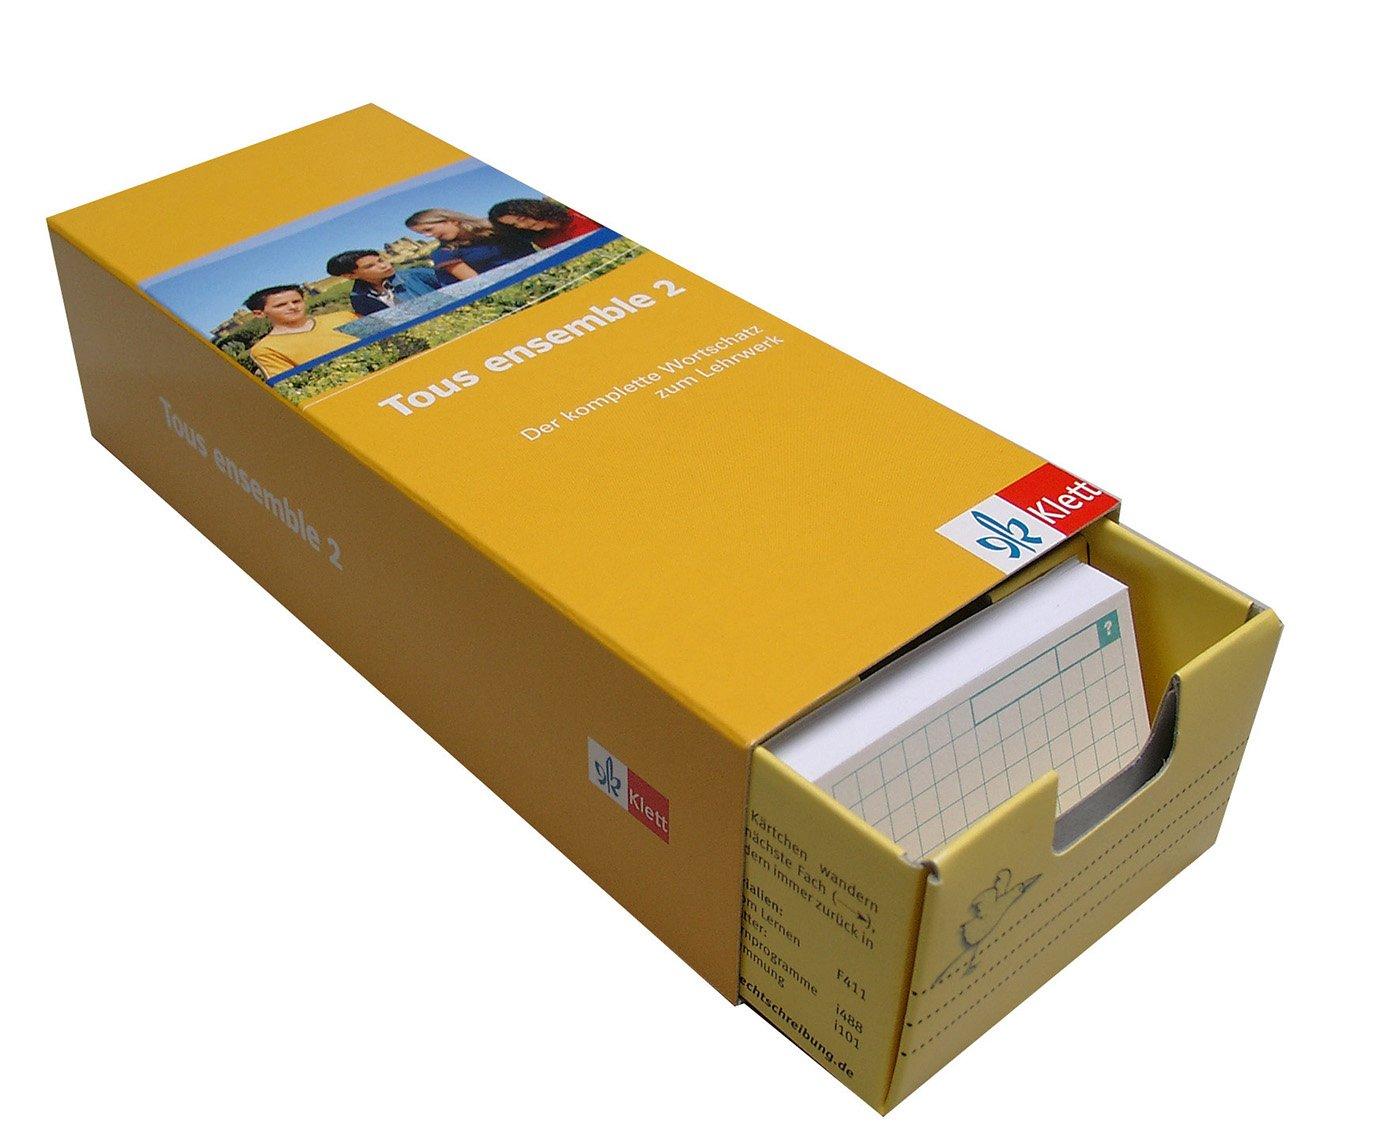 Tous Ensemble 2 - Vokabel-Lernbox zum Schülerbuch: 2. Lernjahr passend zum Lehrwerk